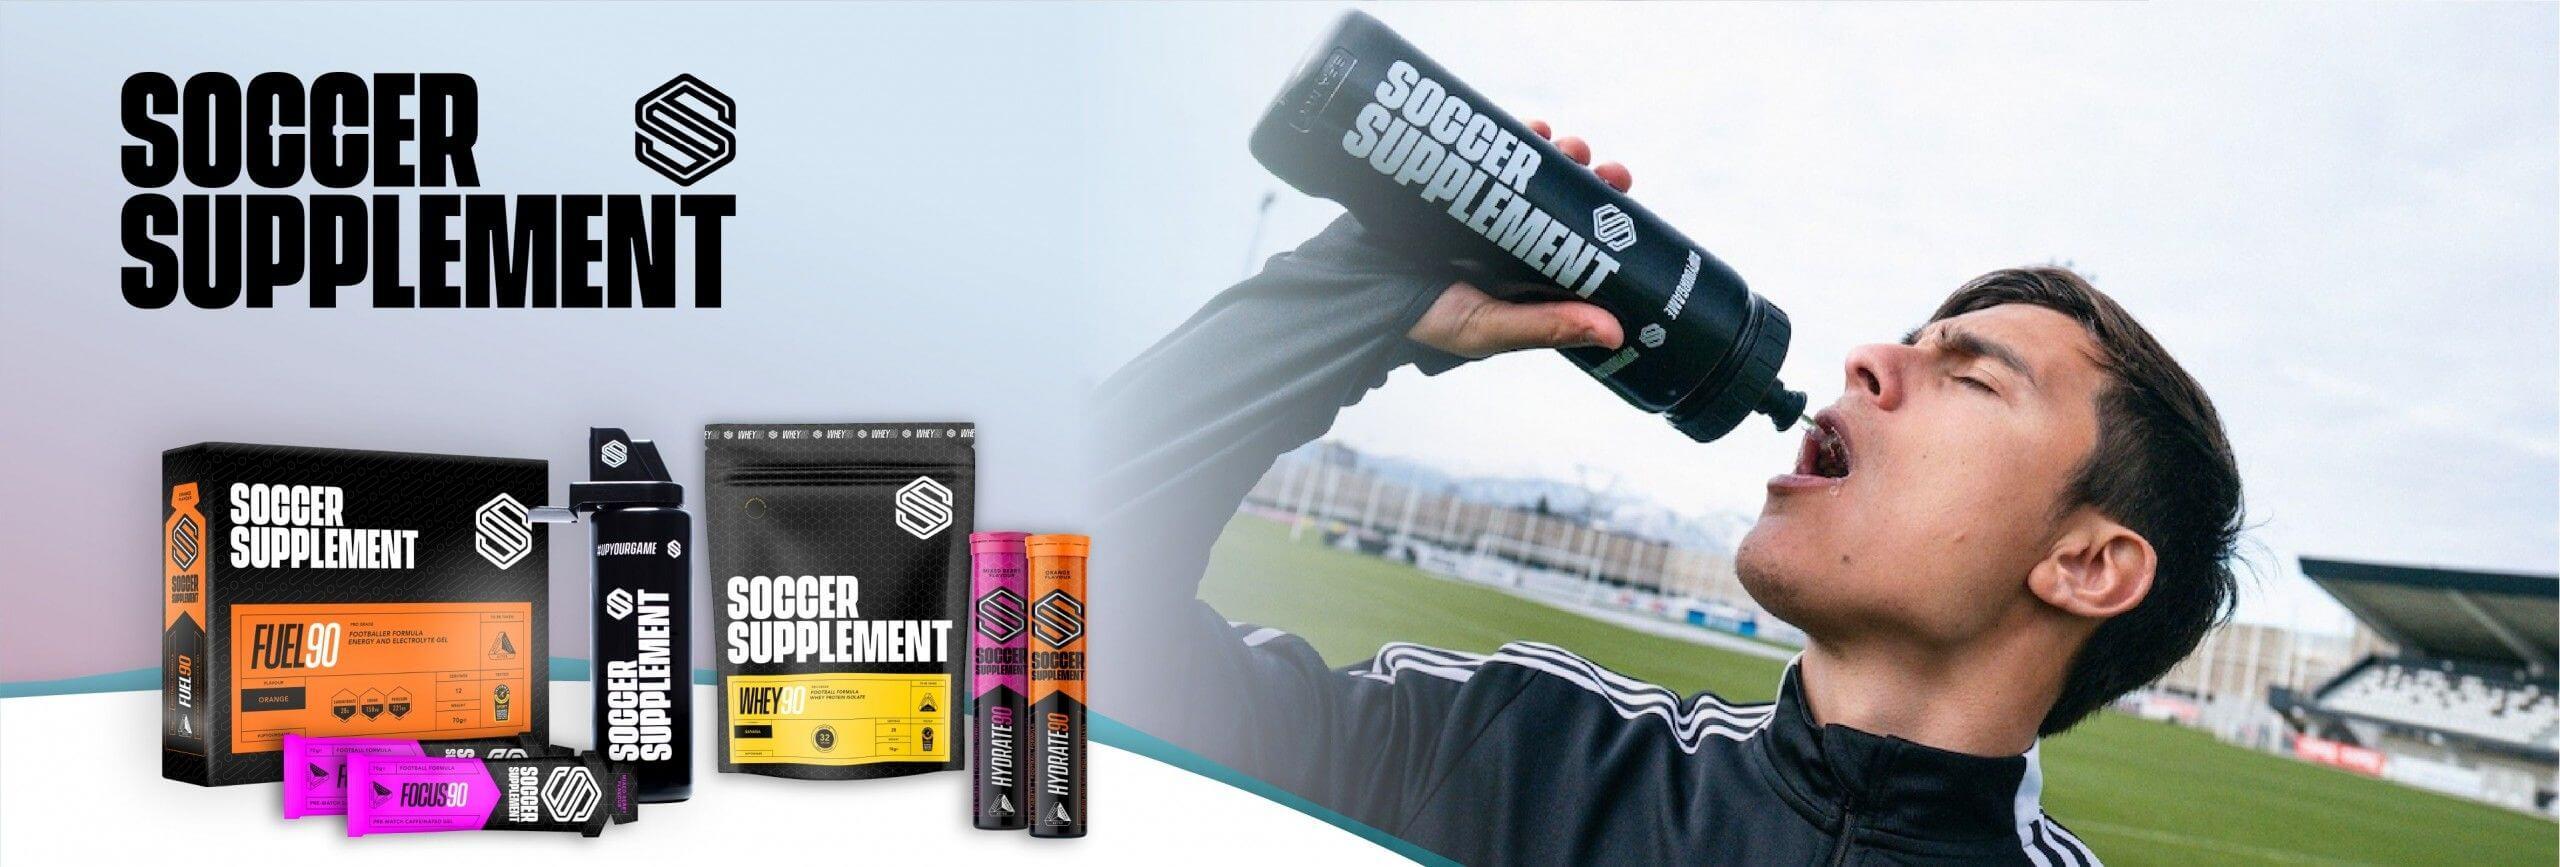 suplementos para jogadores de futebol da marca soccer supplement